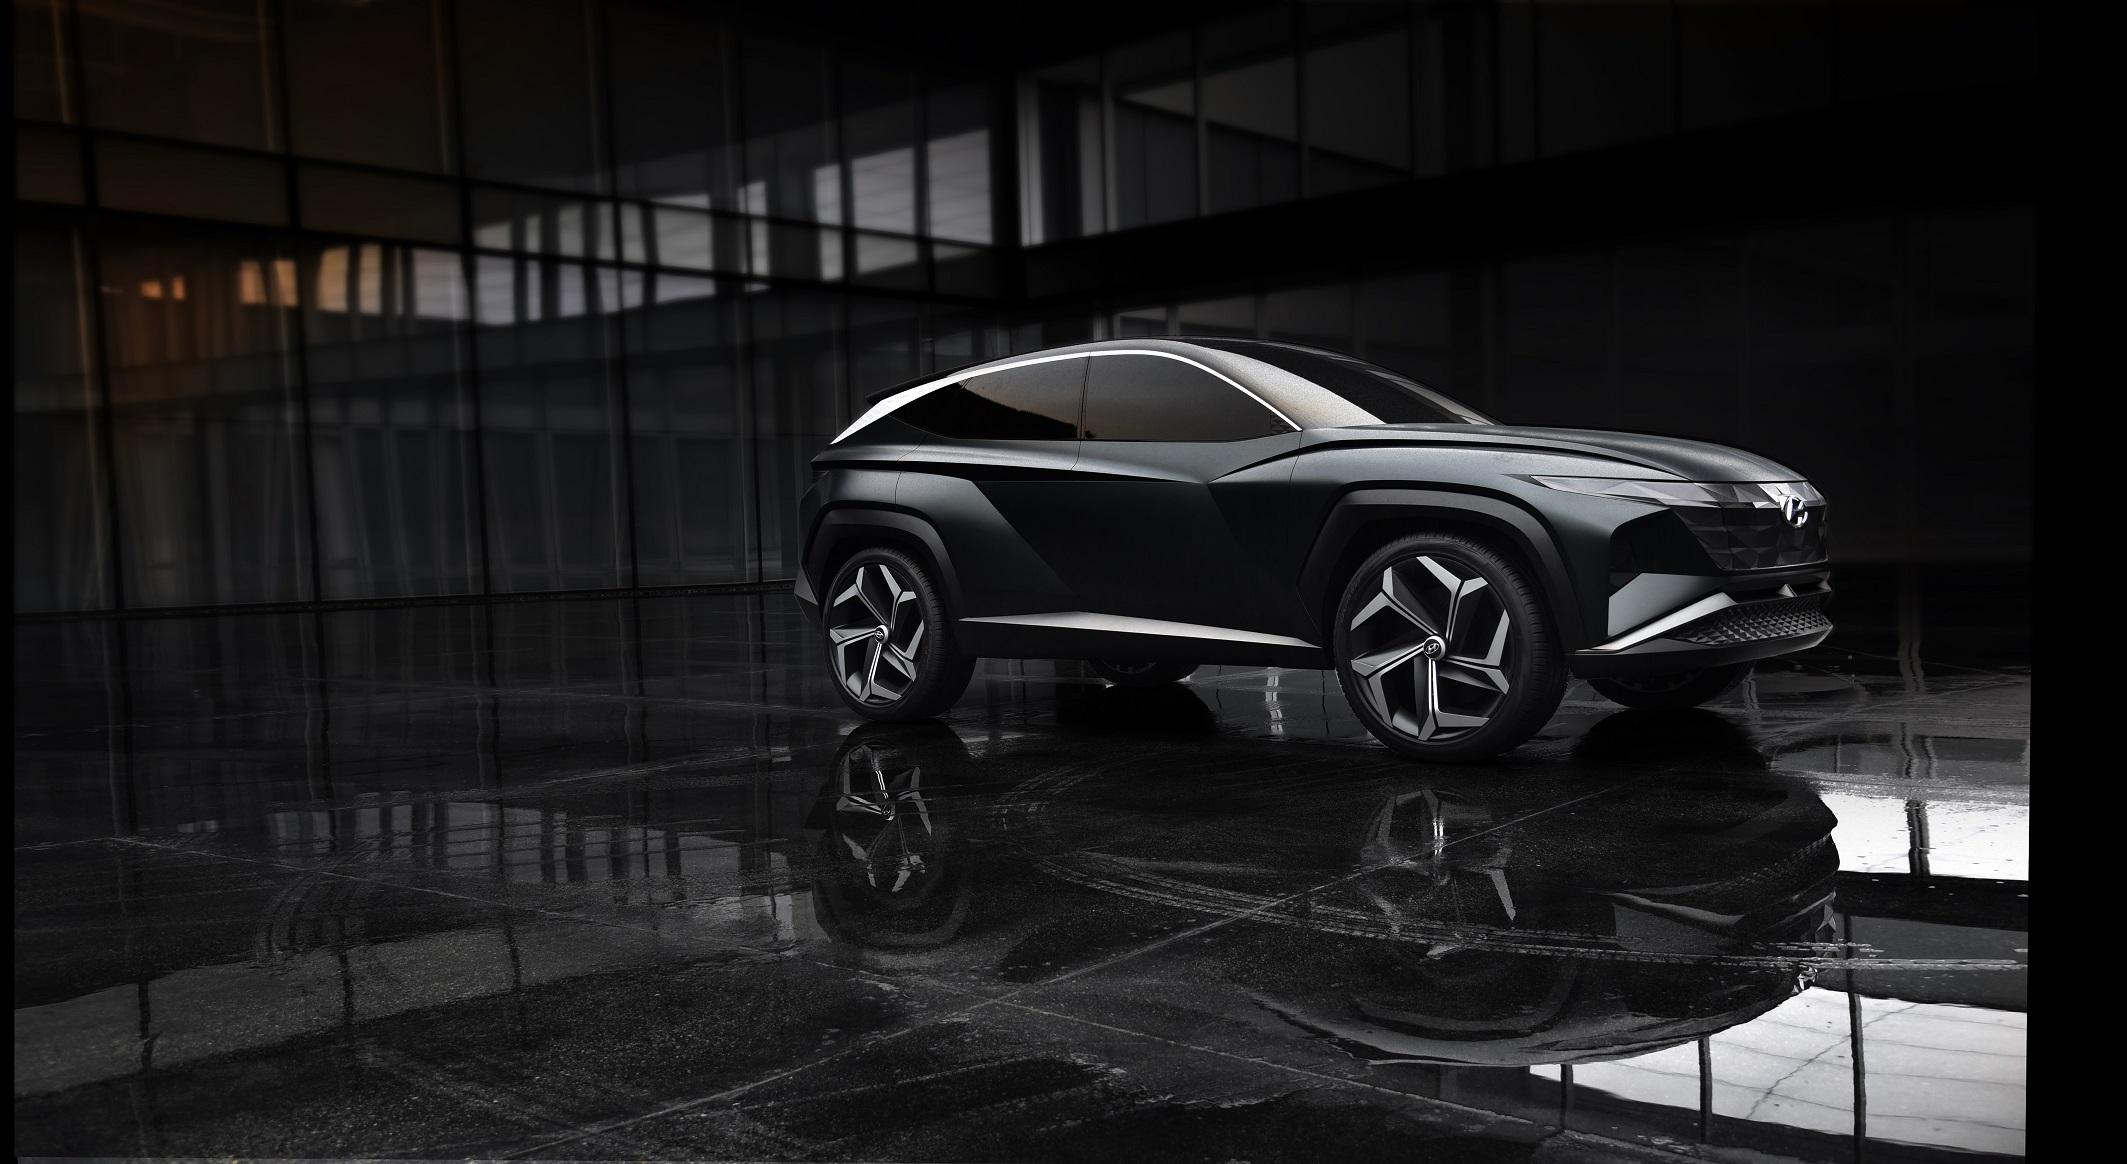 Hyundai představilo v Los Angeles nové kompaktní SUV s vyjímatelnými bateriemi